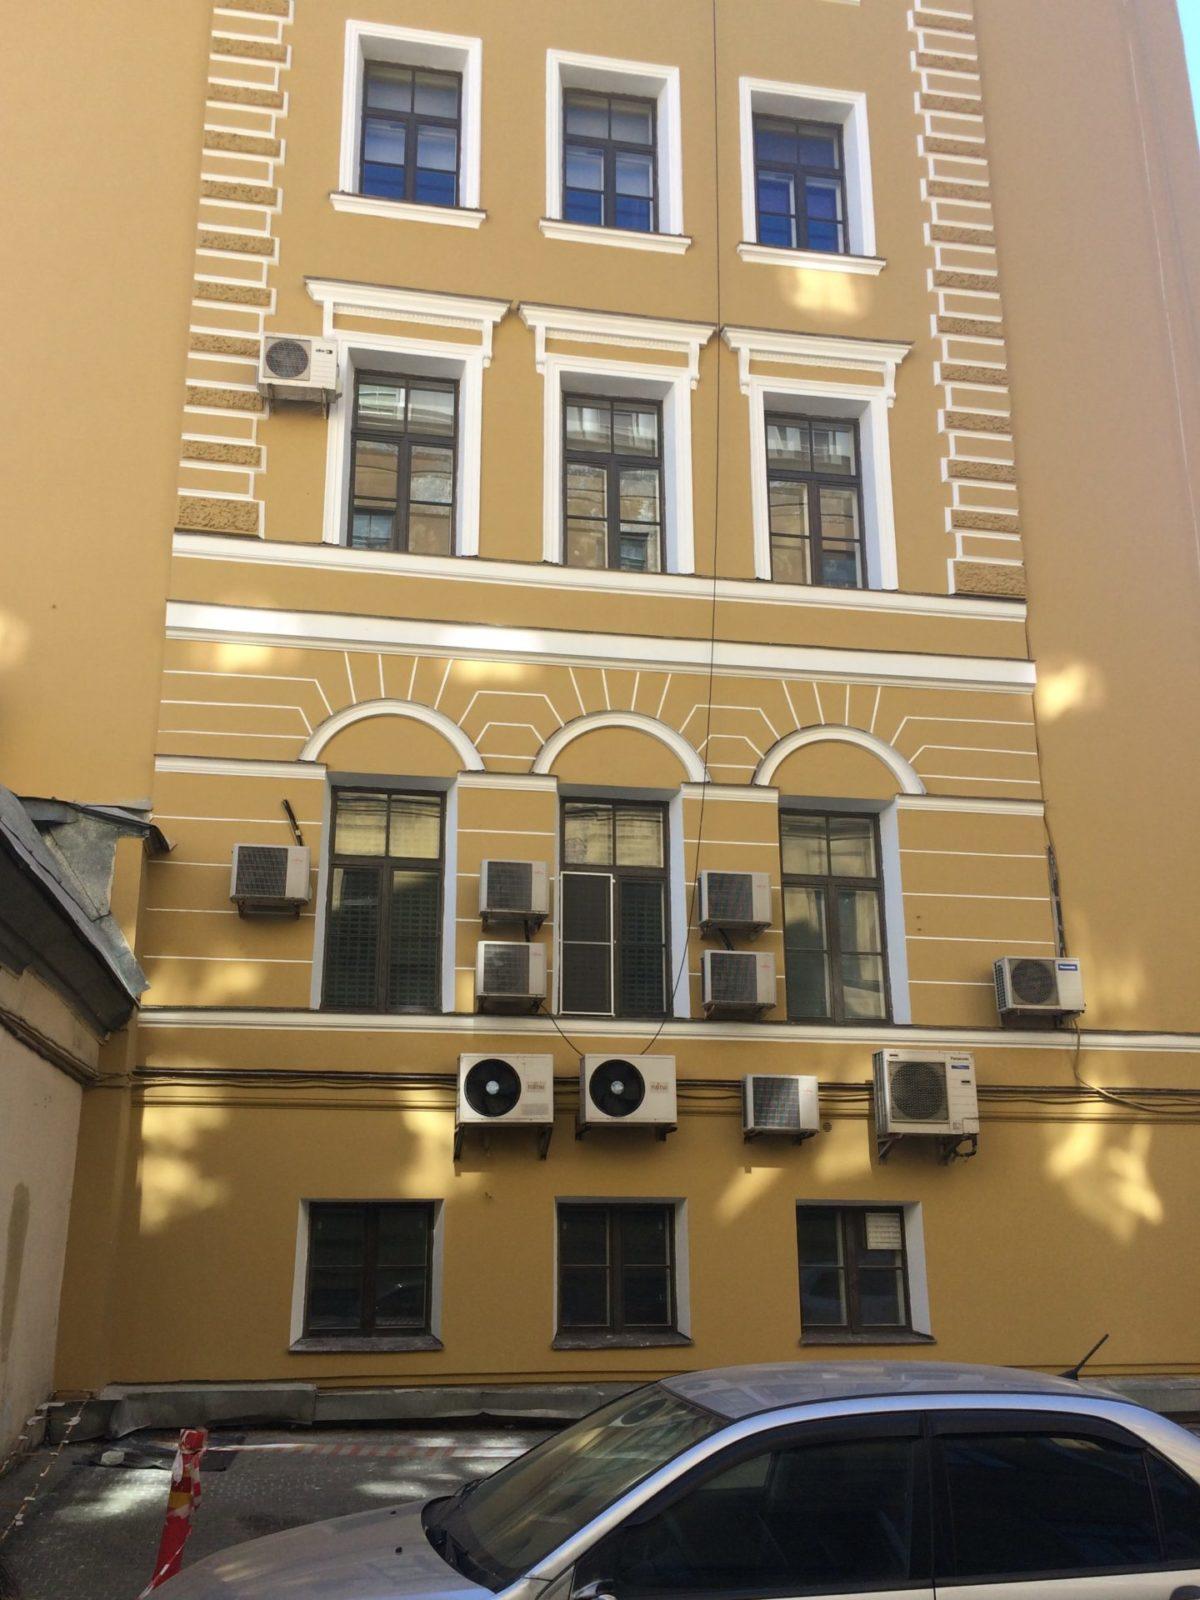 Стоимость фасадных работ здания Консульства Нидерландов, Набережная реки Мойки д.11 в С.-Петербурге